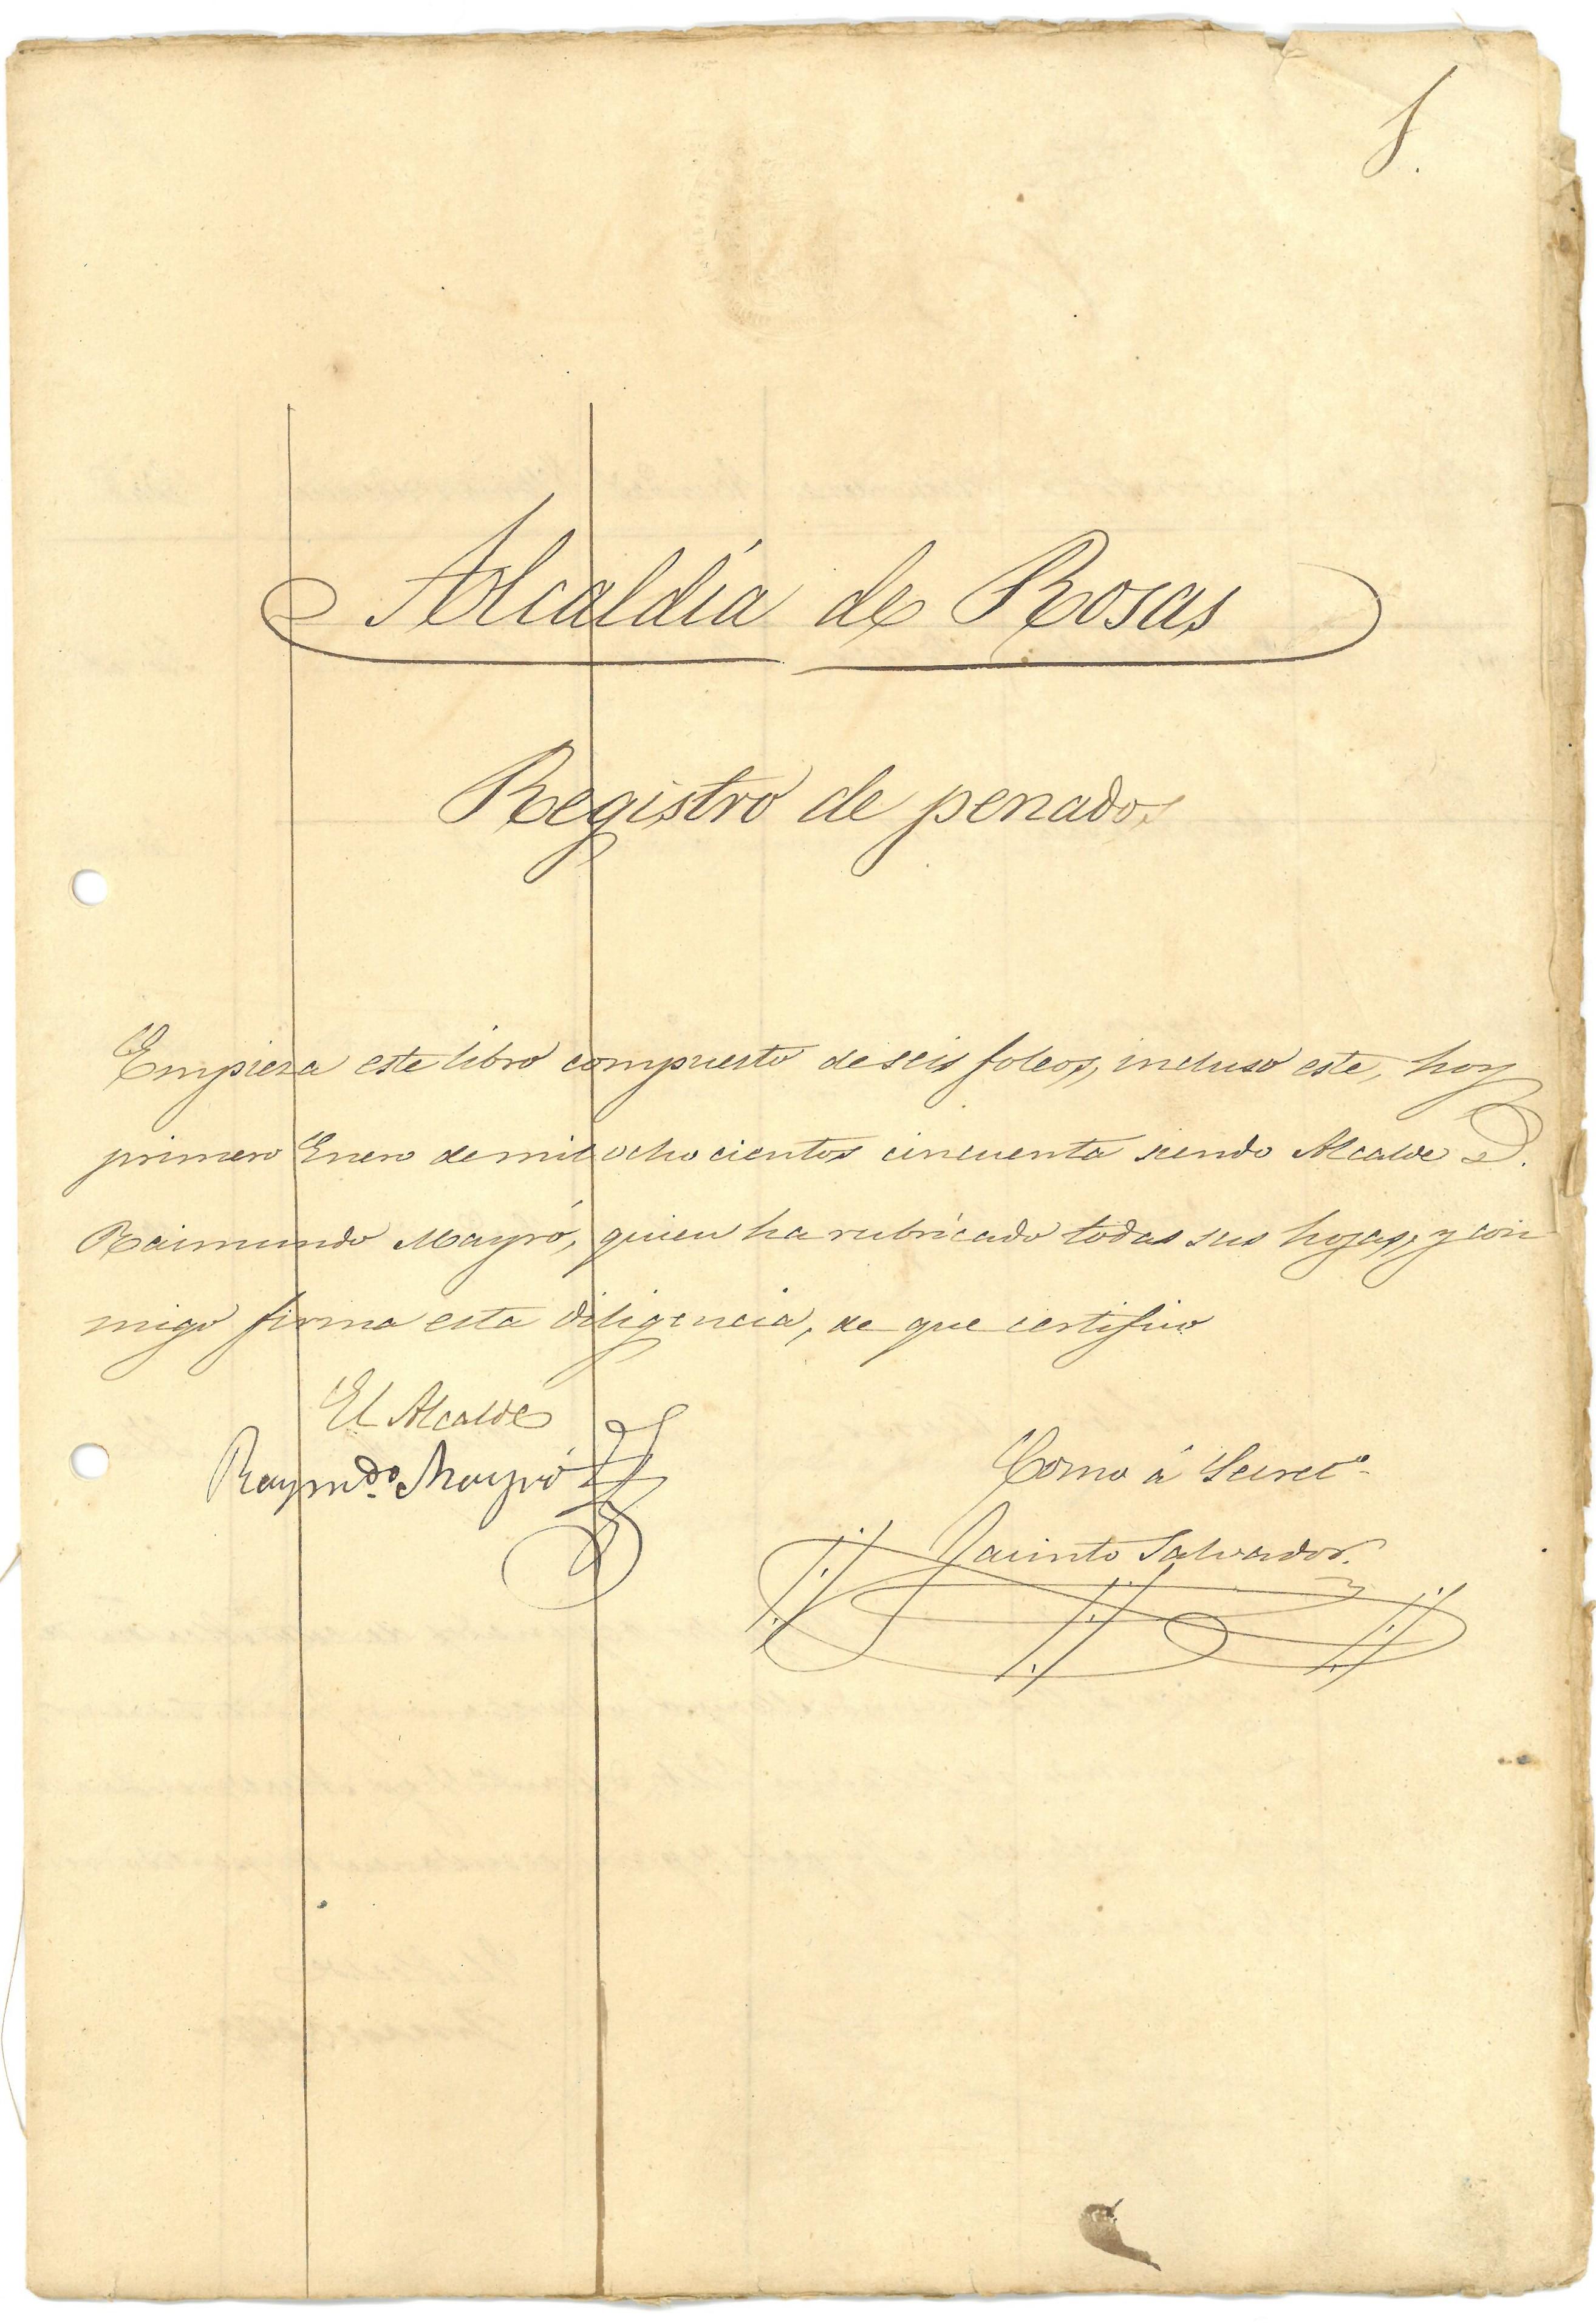 El Registre de Penats de 1850, document del mes de l'Arxiu Municipal de Roses